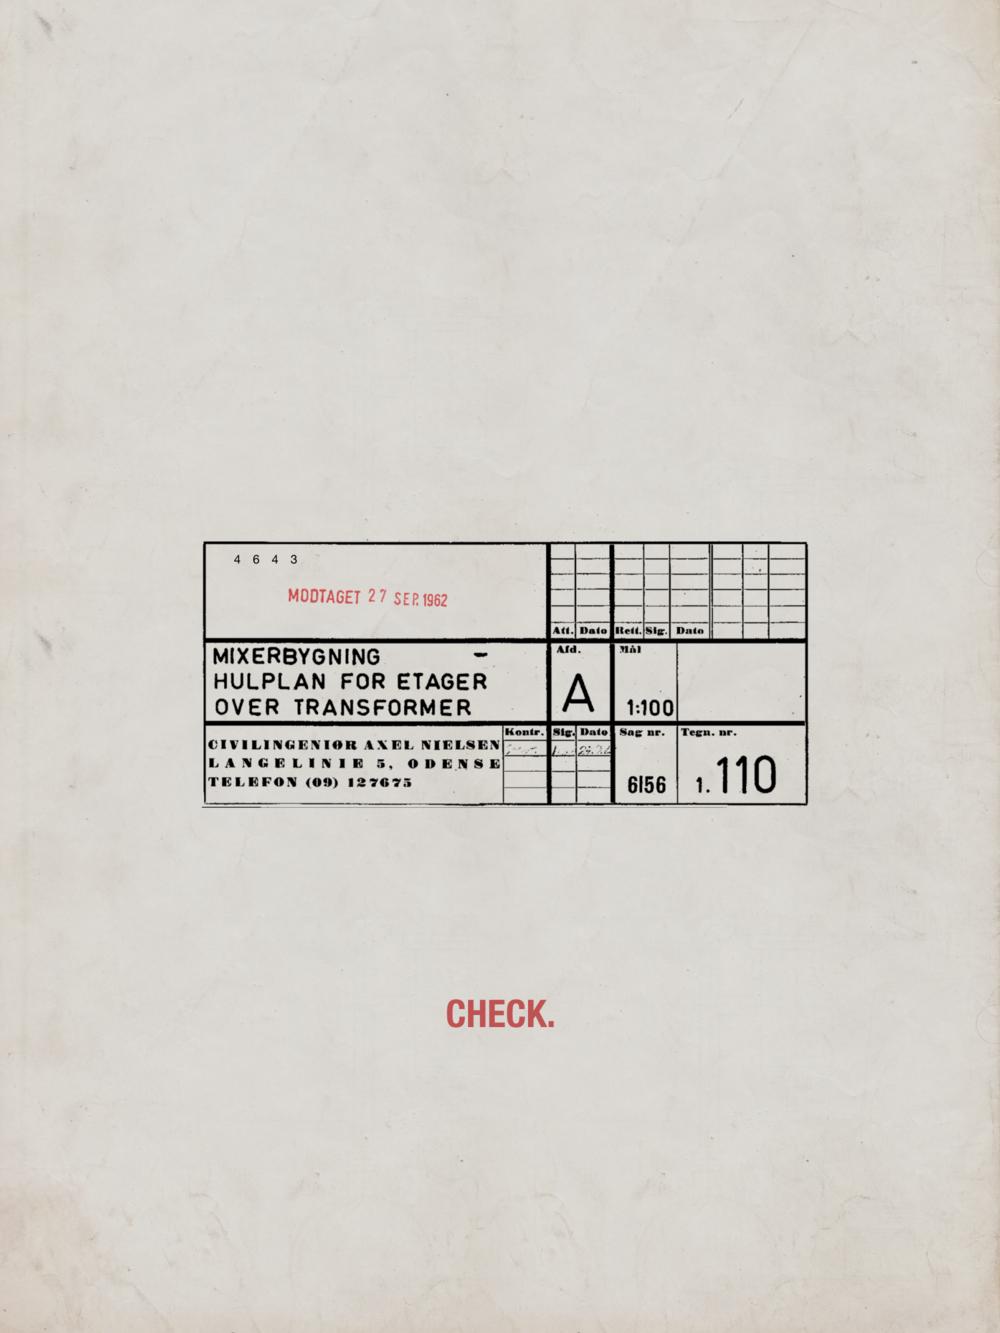 CHECK (0033).png